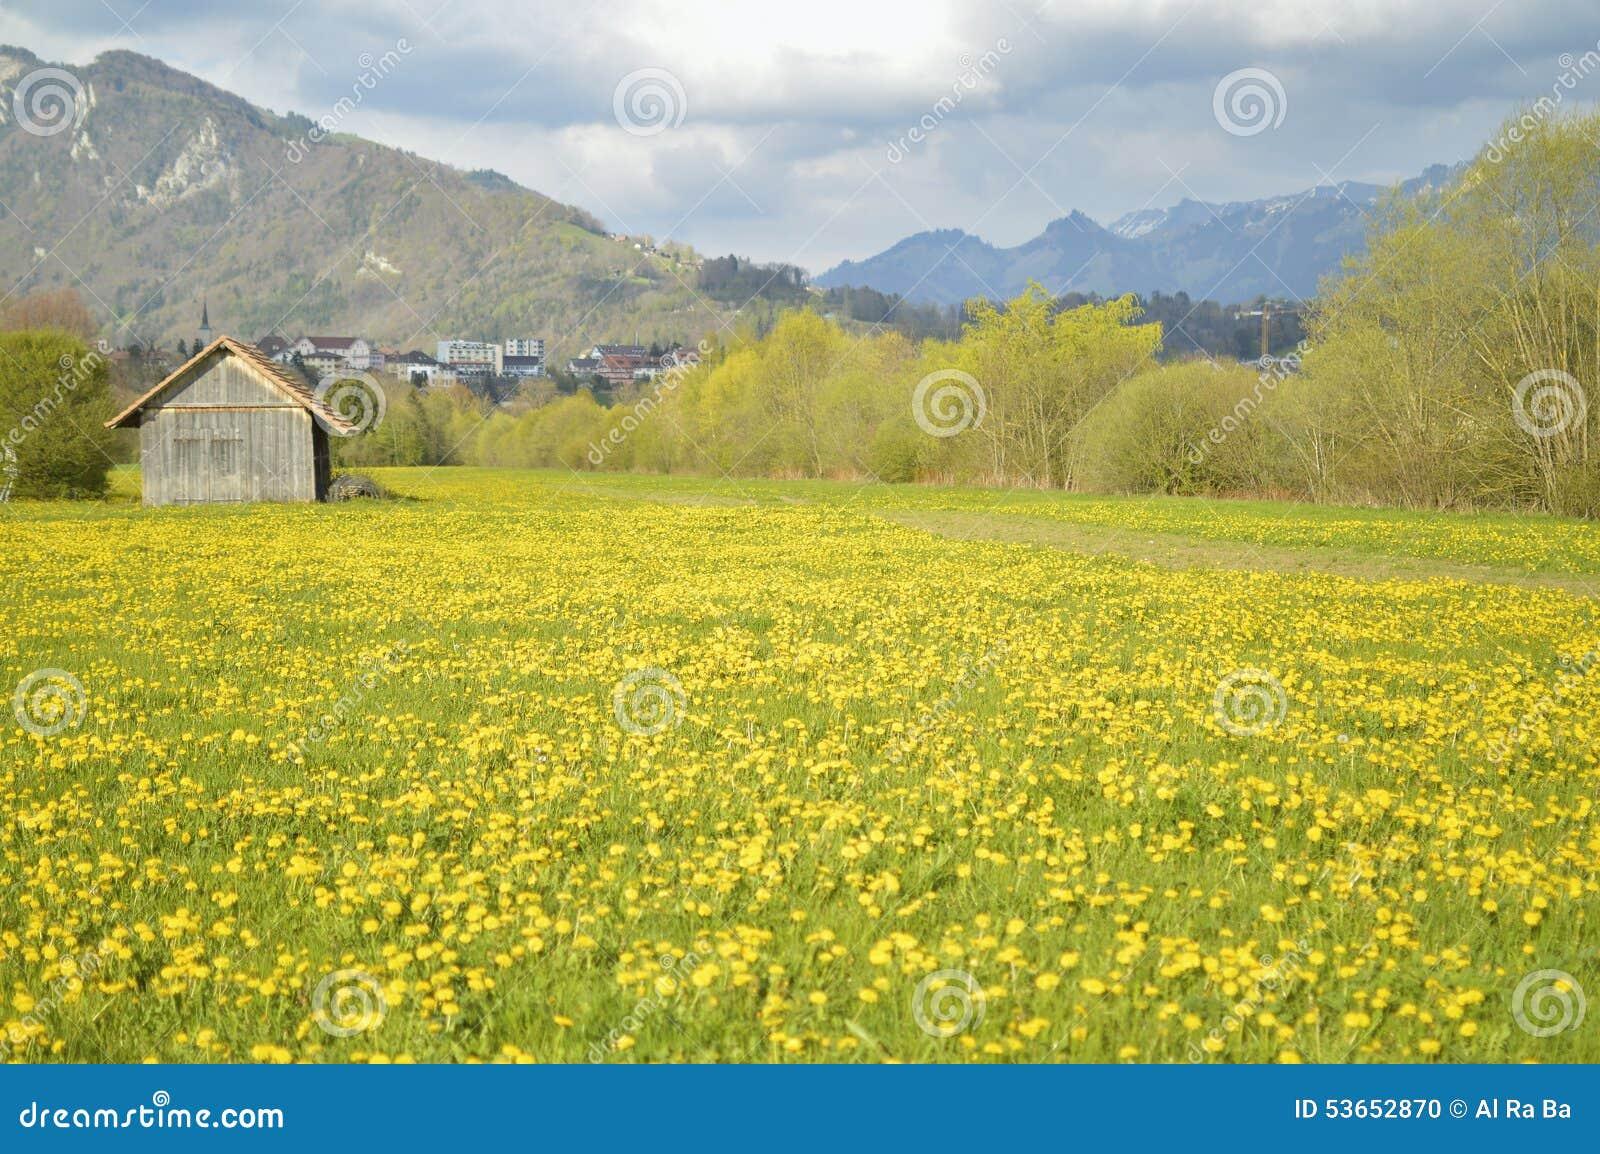 beautiful yellow field landscape - photo #8